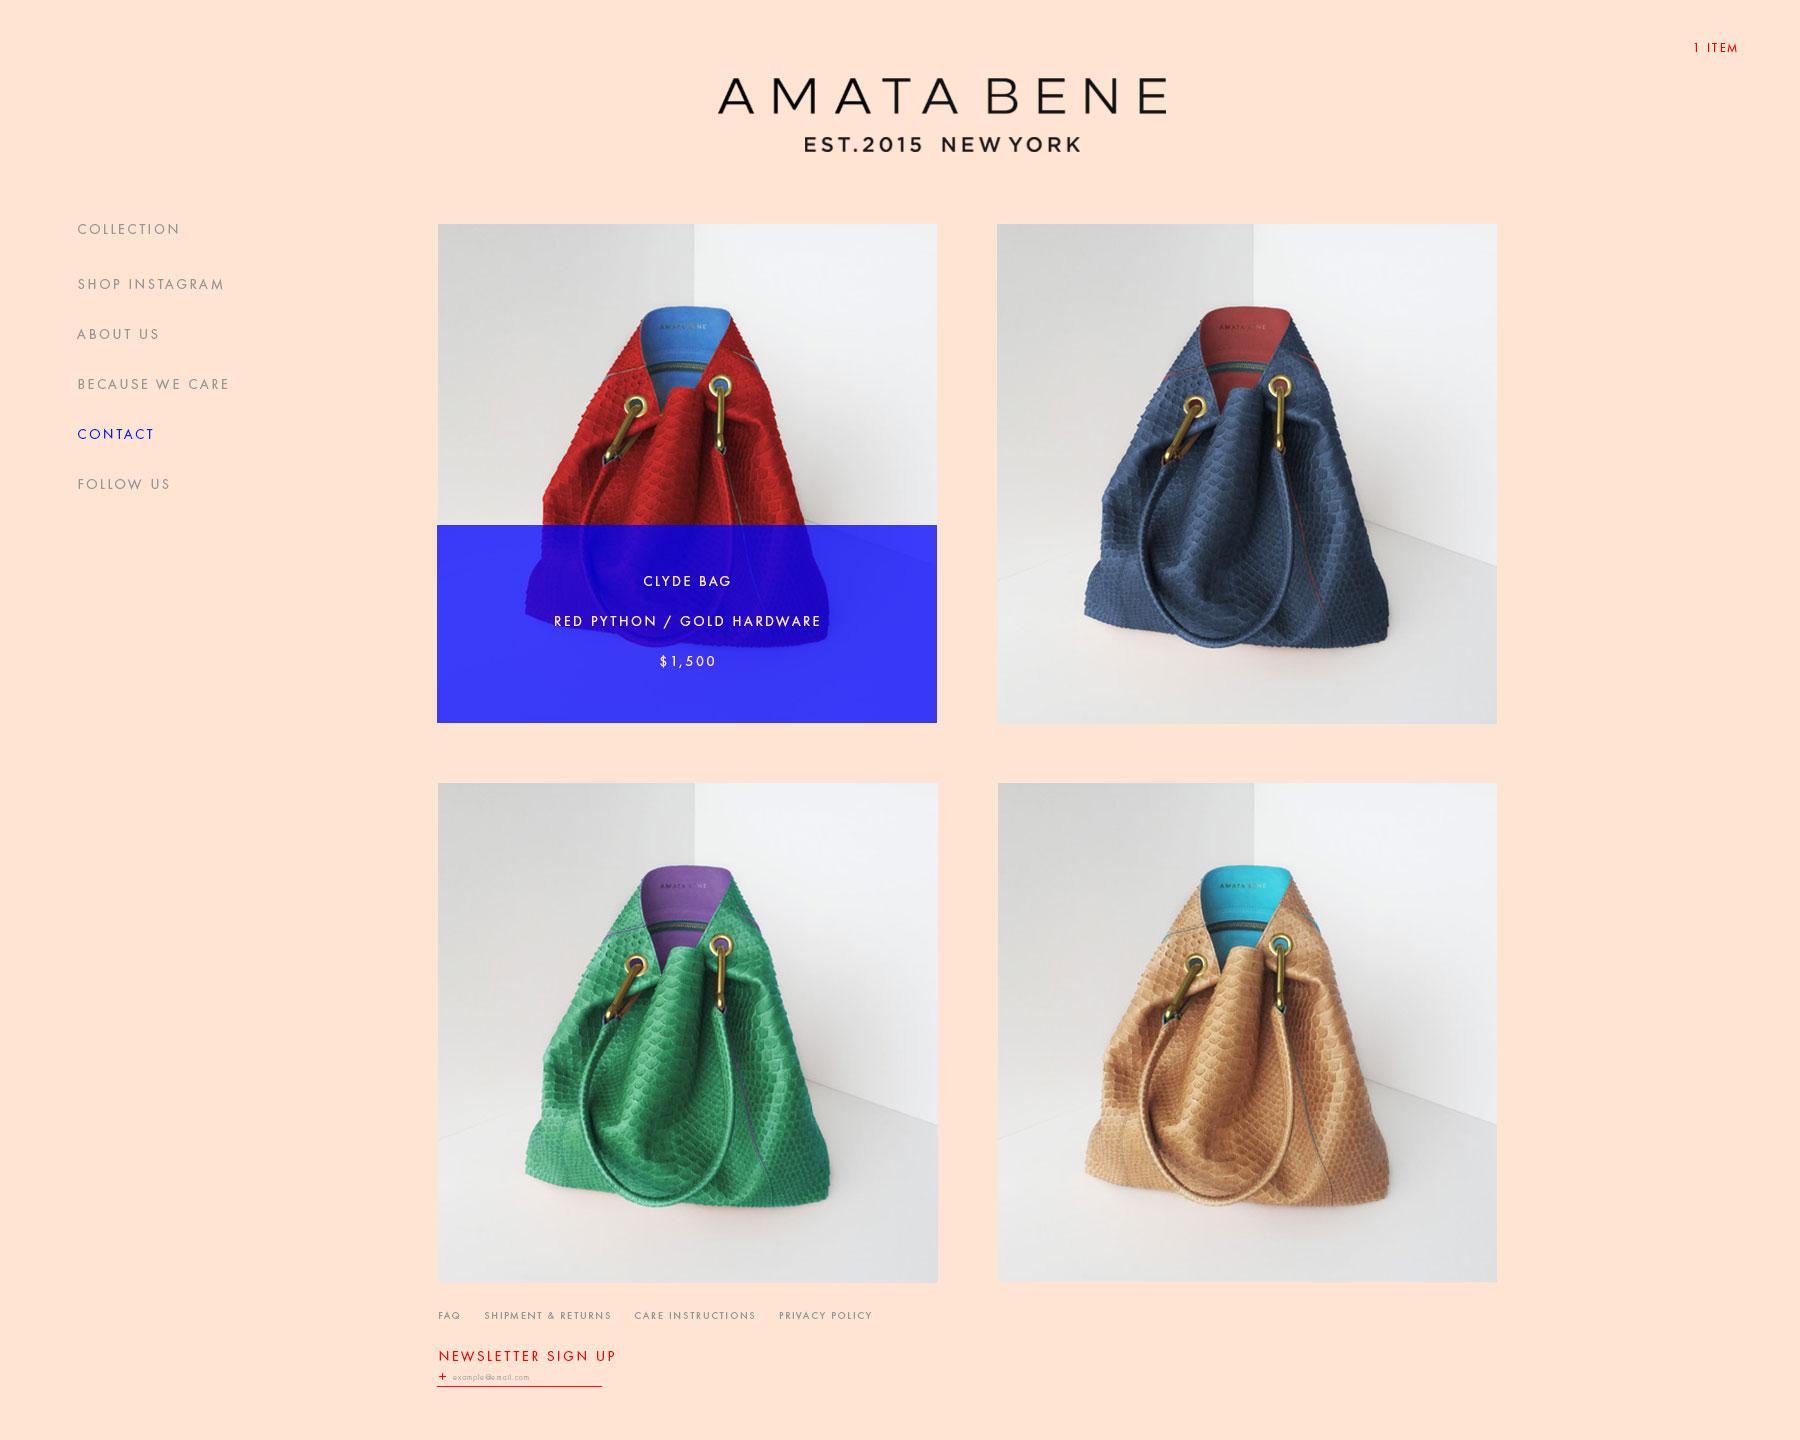 3AmataBene_product.jpg